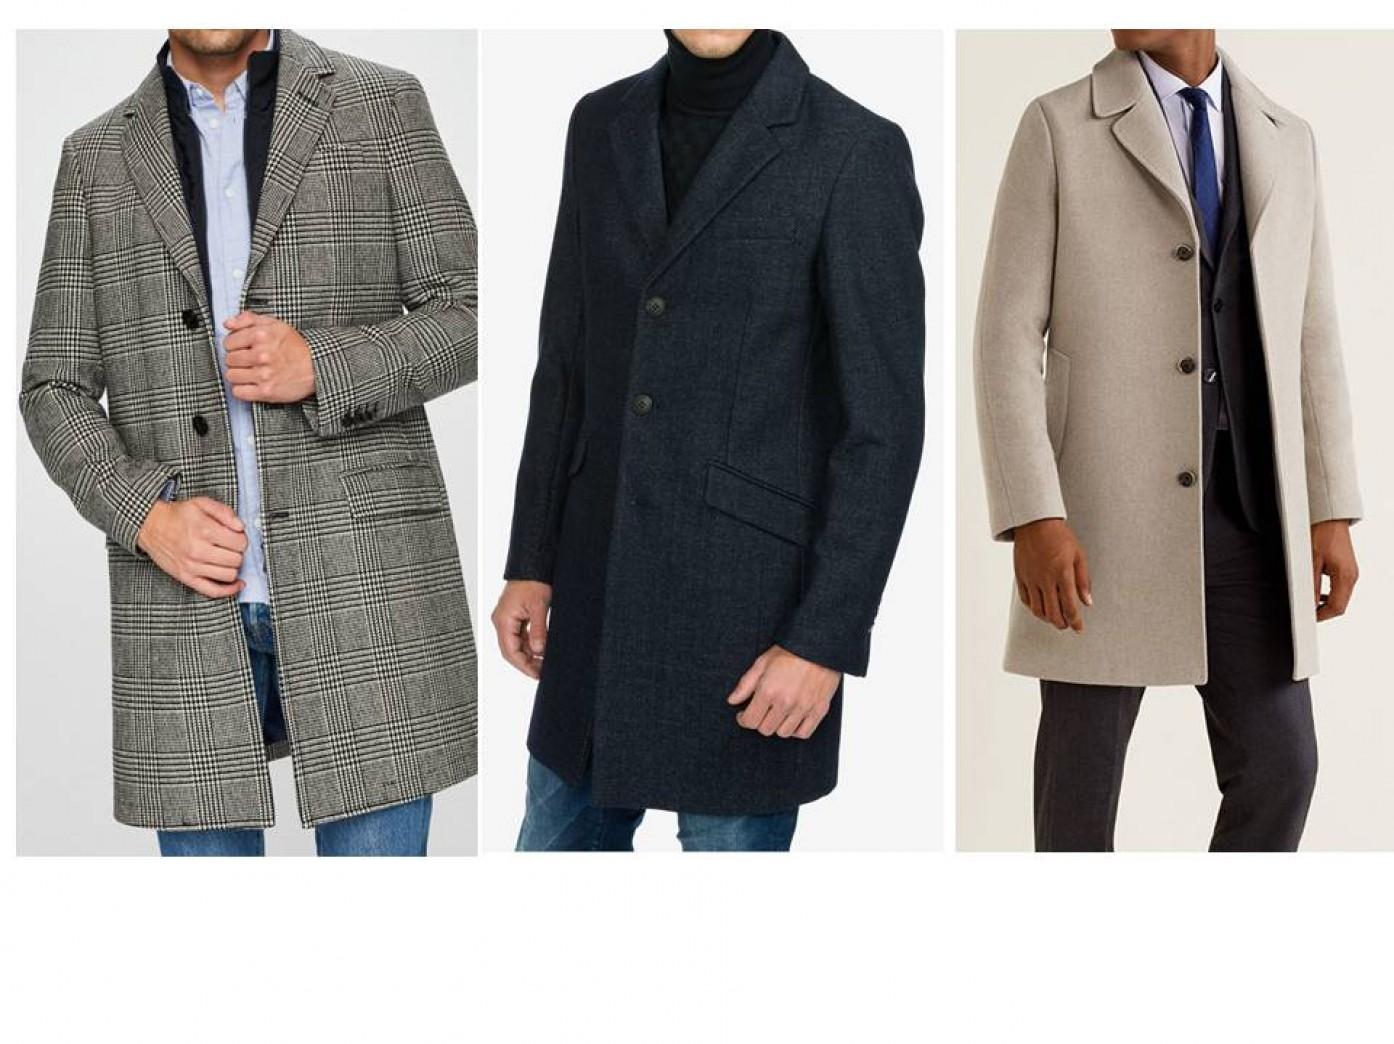 e3a0556f4 Stylové pánské kabáty pro muže - Osobní módní stylista